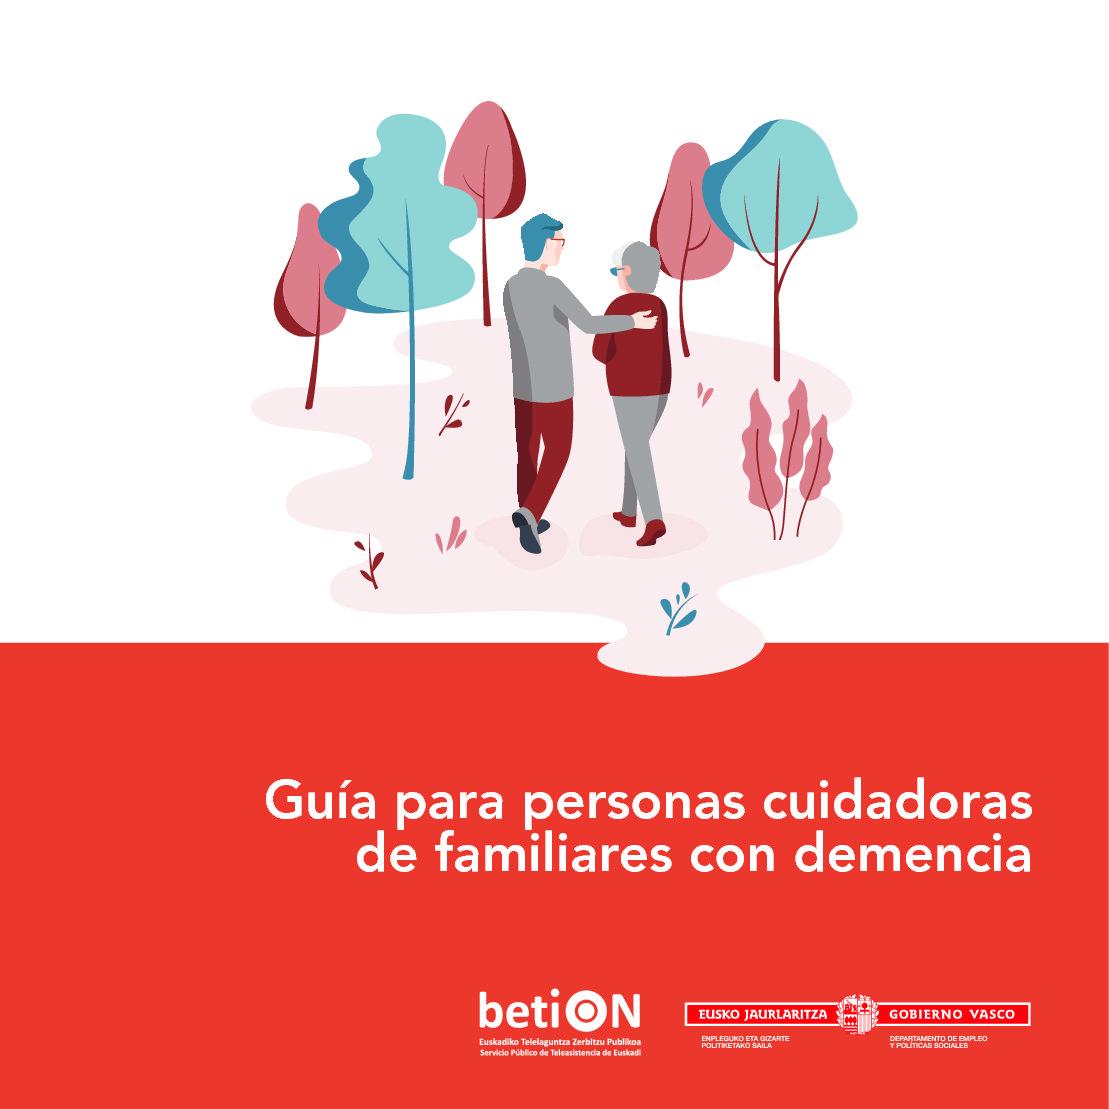 Guía para personas cuidadoras de familiares con demencia